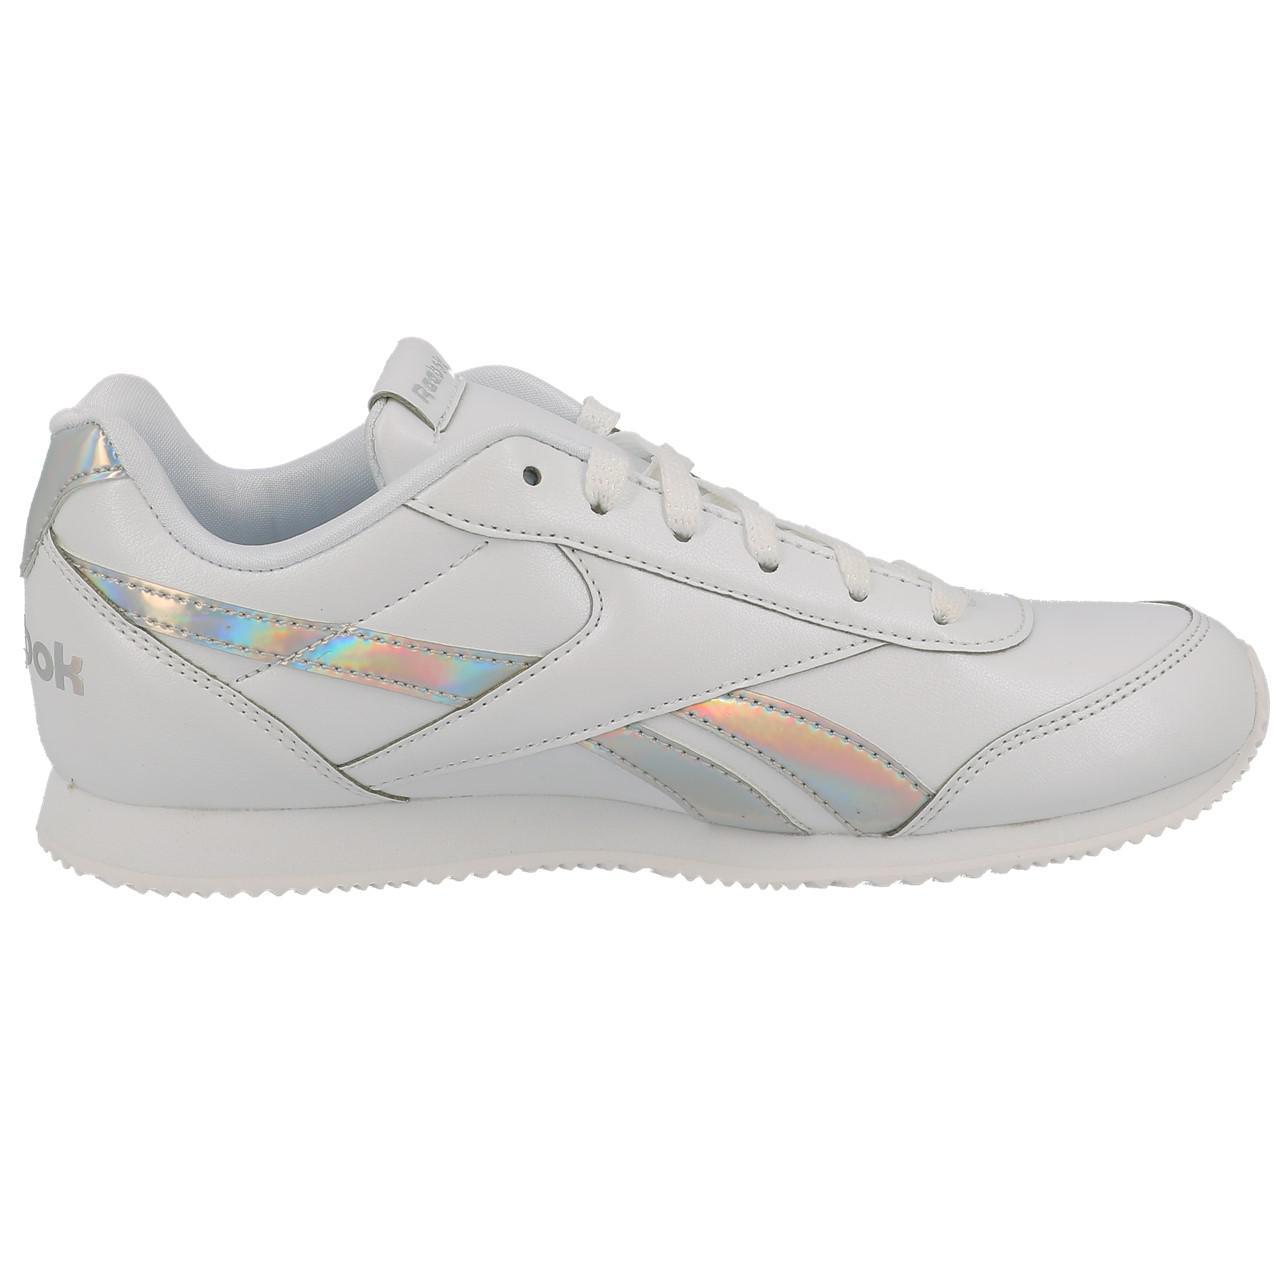 Details zu Schuhe Niedrig Leder oder Faux Reebok Royal Cljog White Mädchen Weiß 18852 Neu